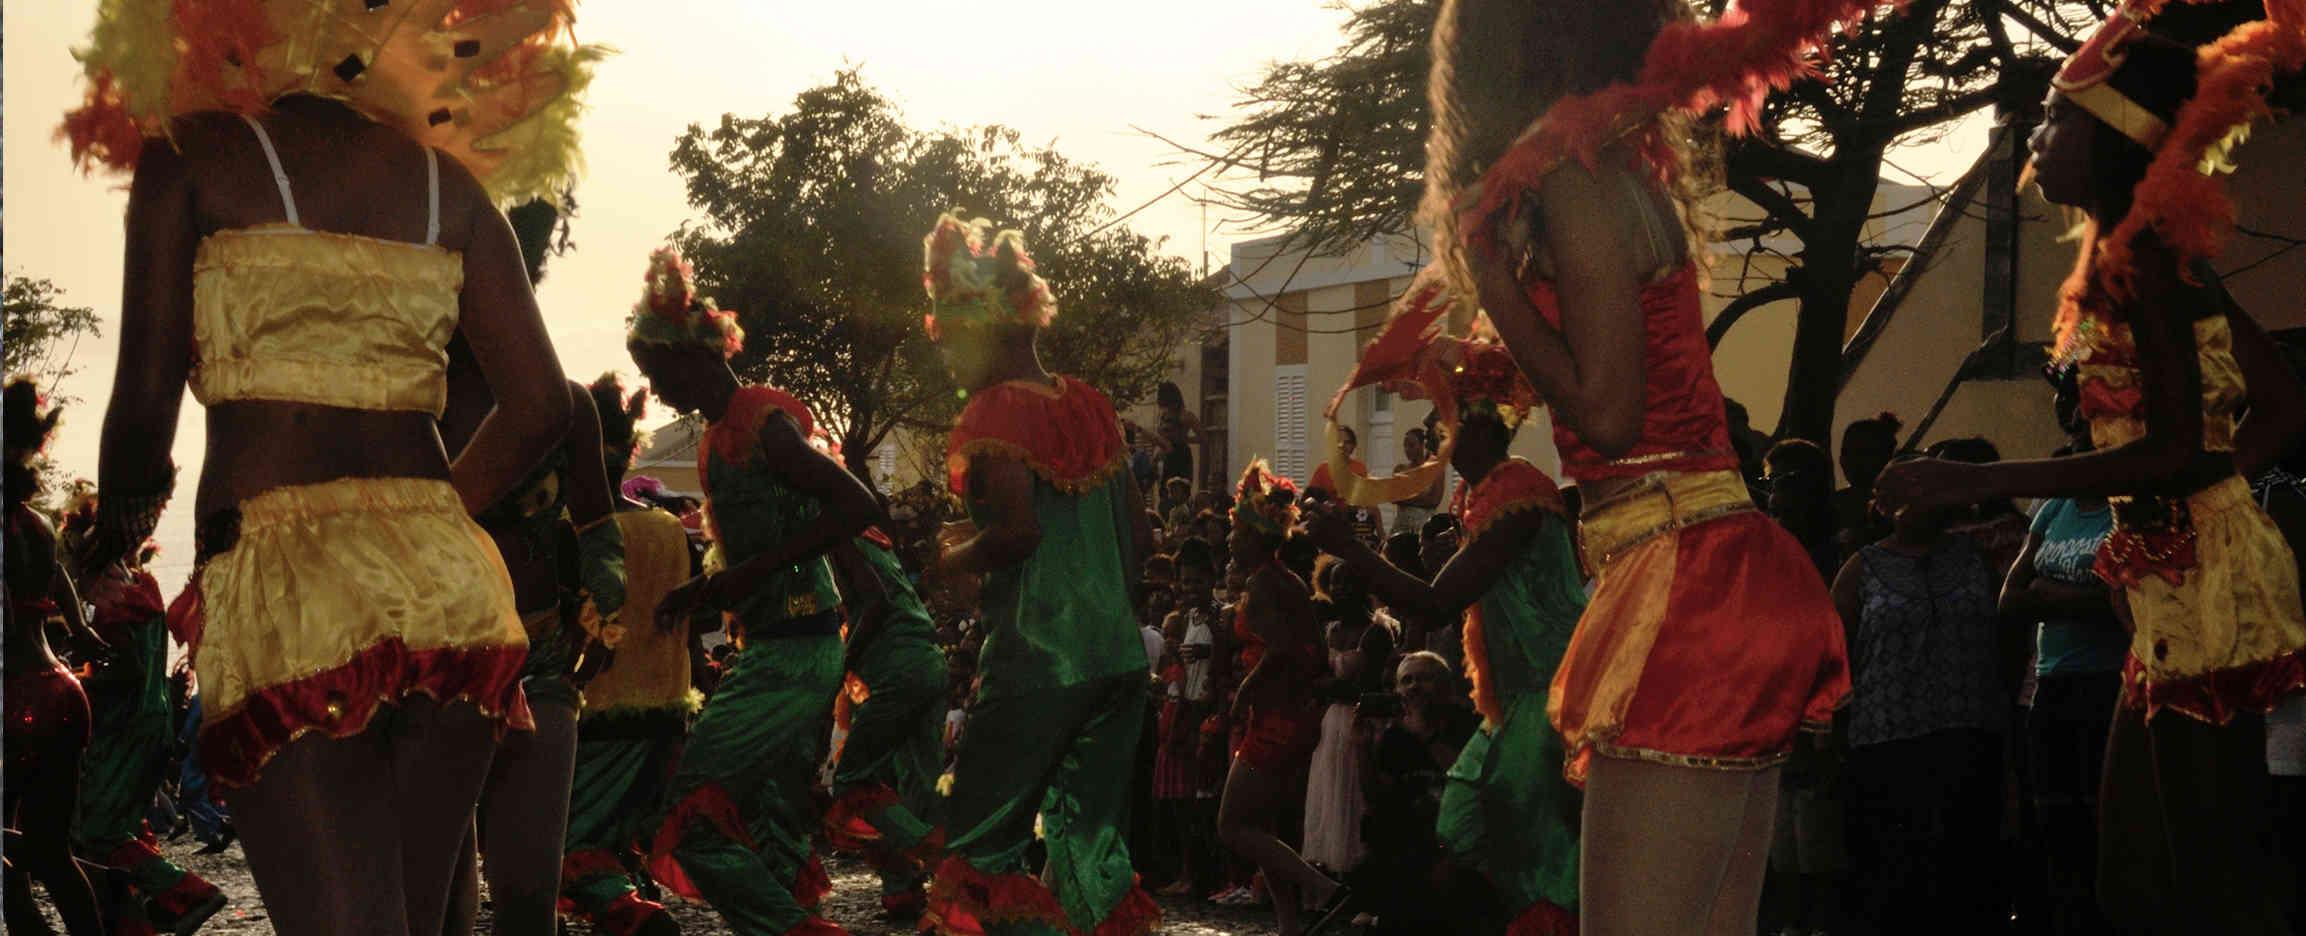 Carnaval de Cabo Verde Mindelo rua desfile